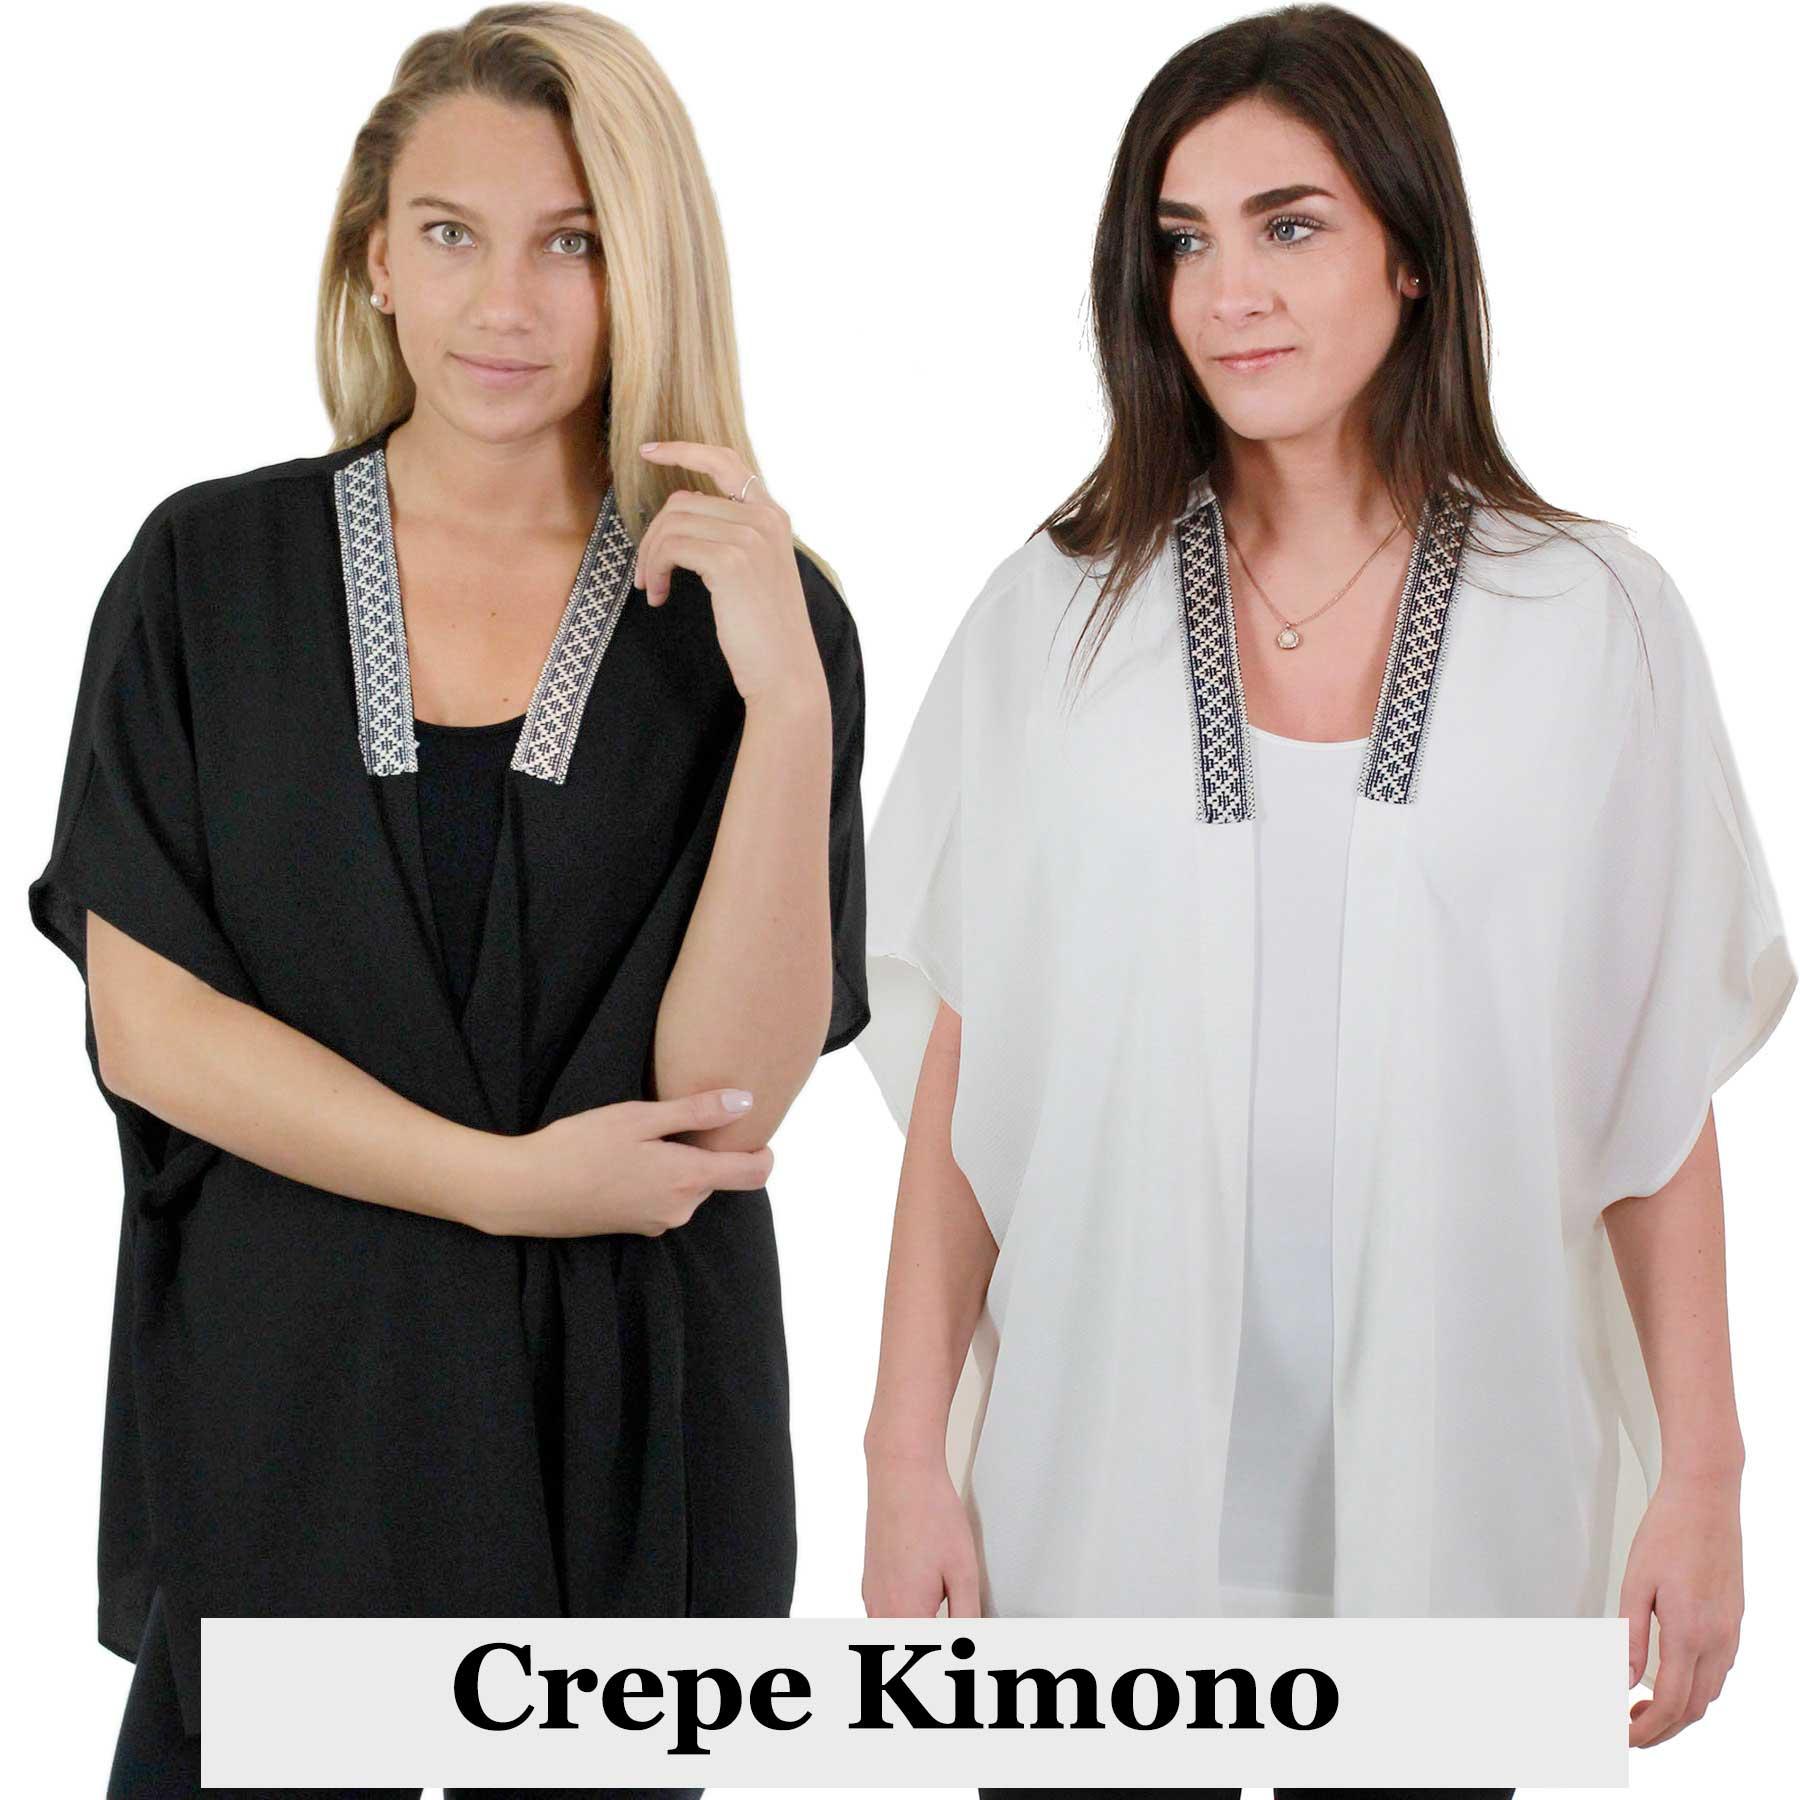 Crepe Kimono - Collar Accent 1213